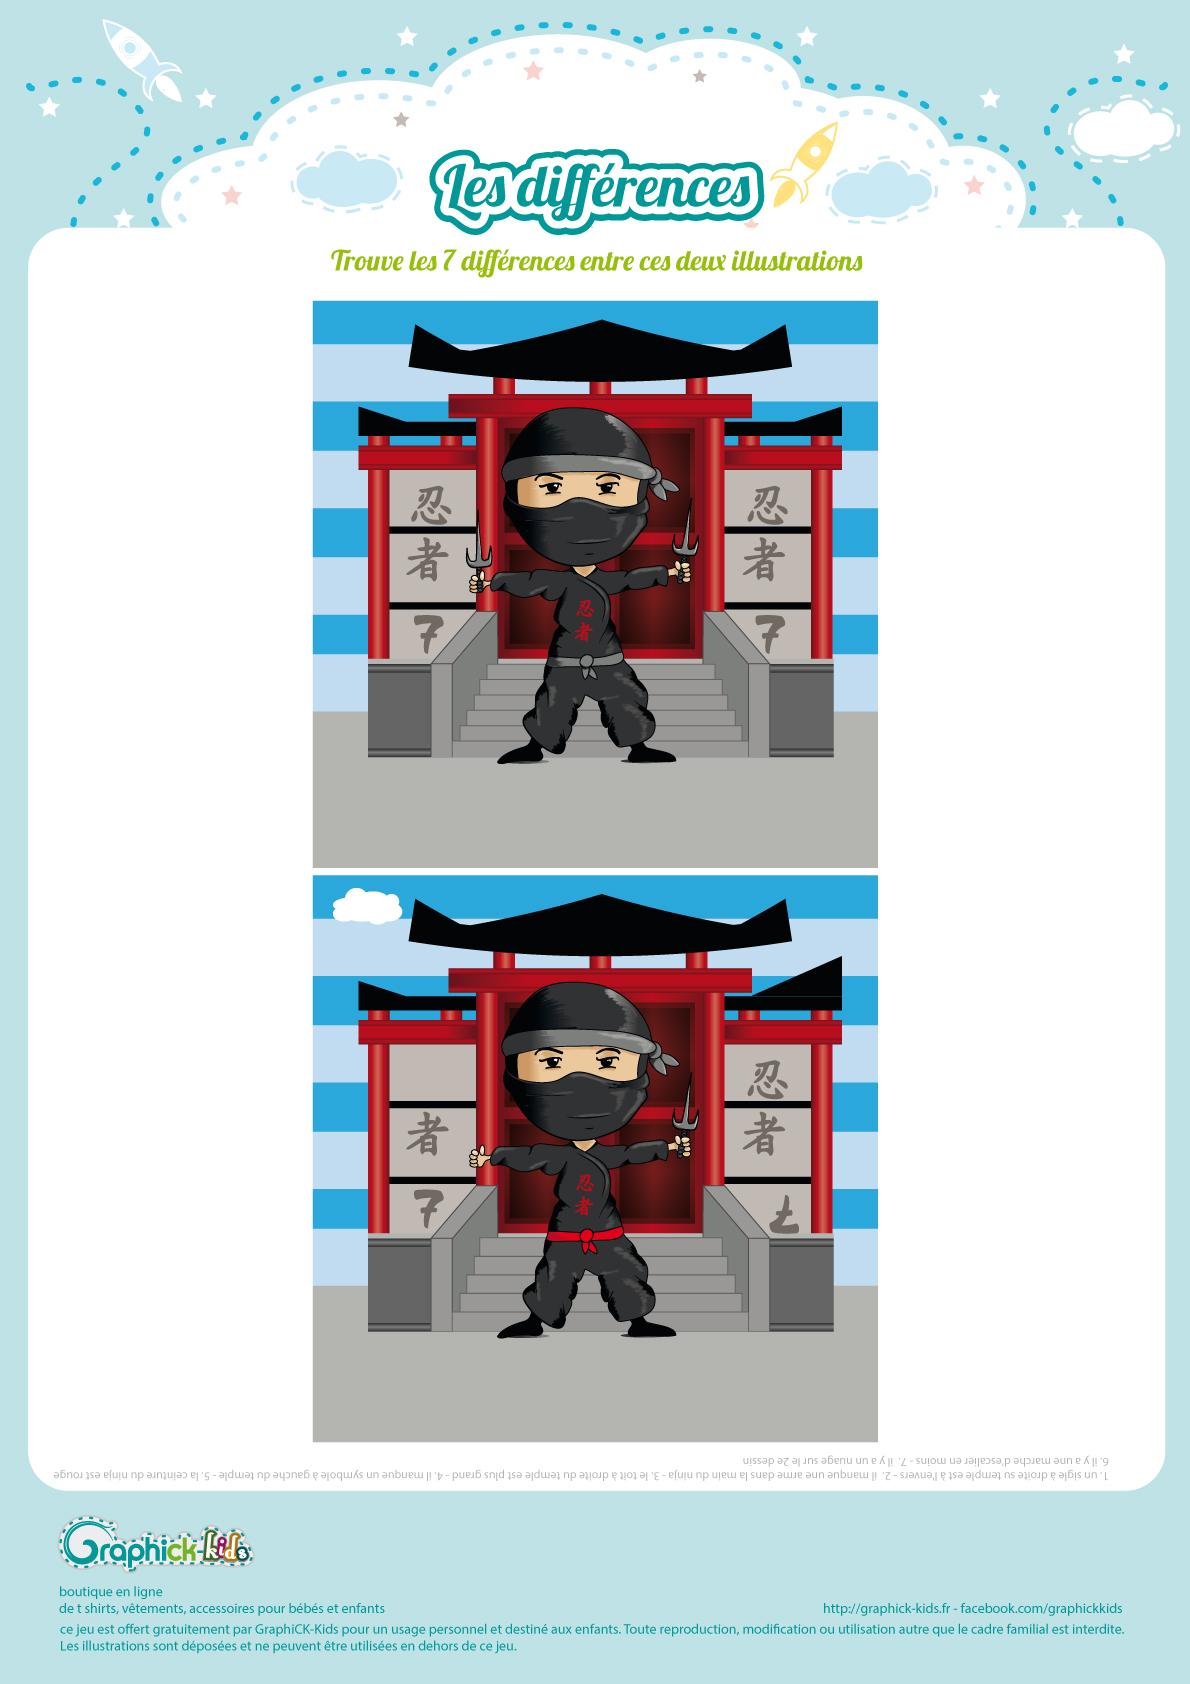 L'activité Du Mercredi : Les Différences Du Ninja - Graphick dedans Jeux Des Differences Gratuit A Imprimer